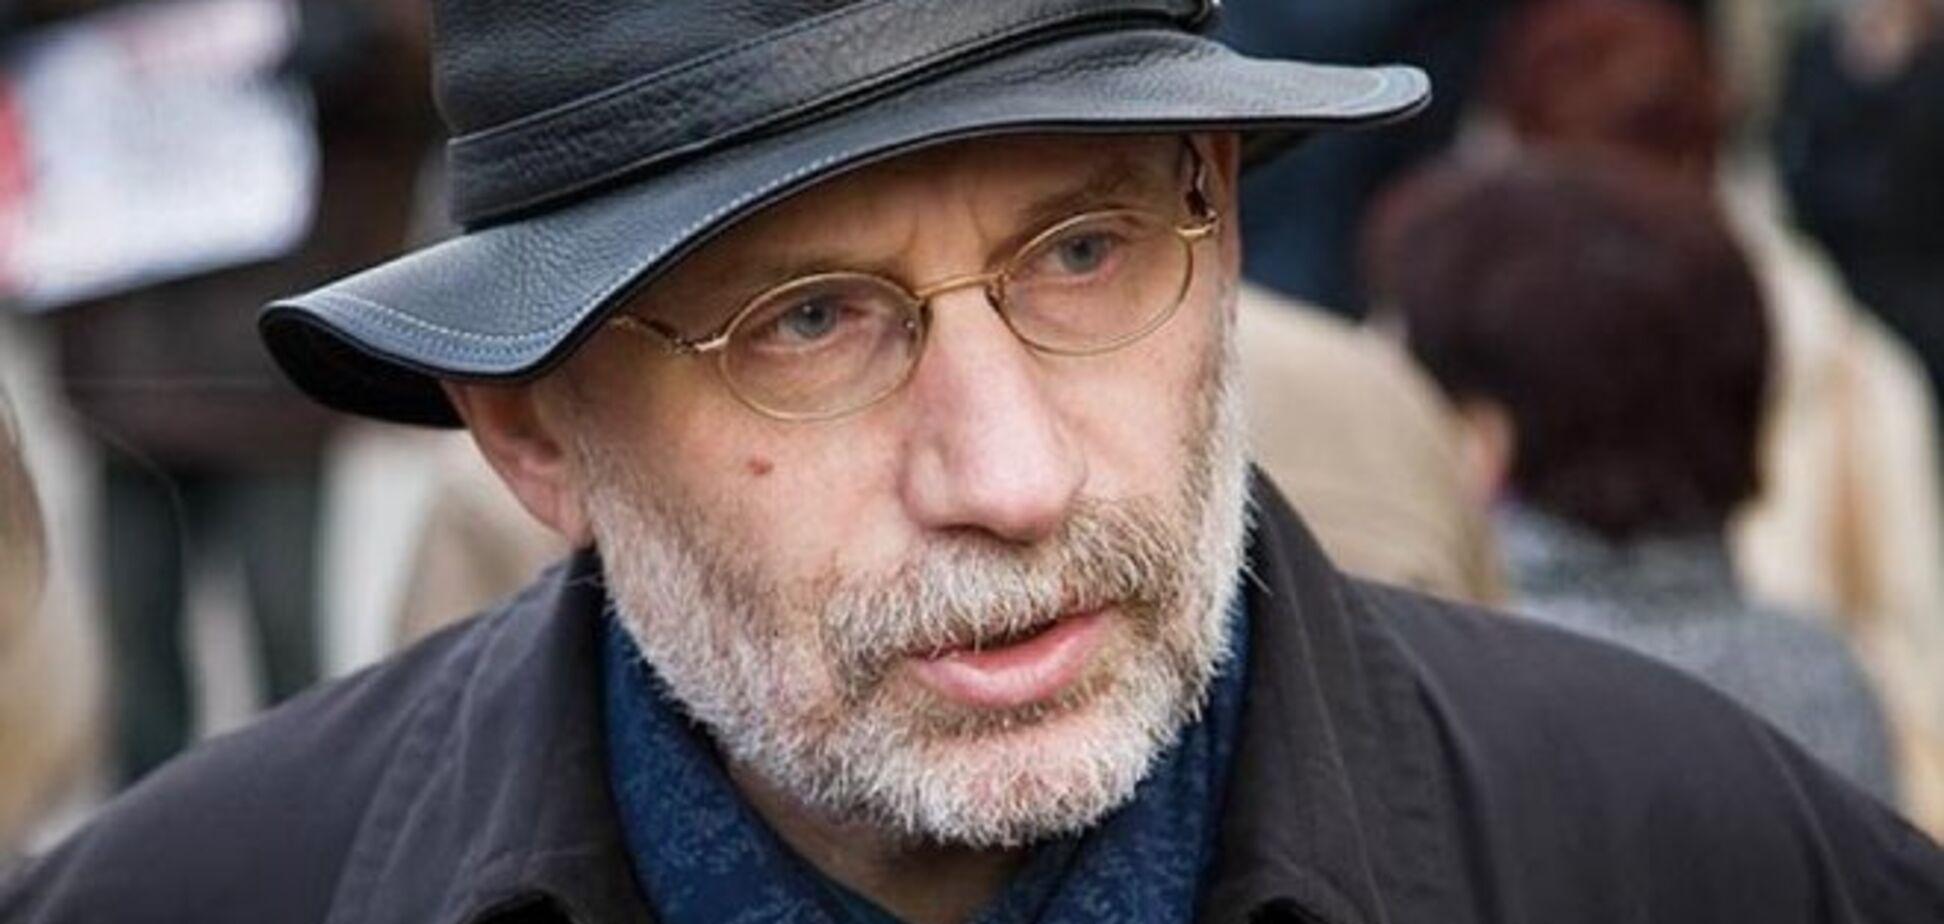 Акунин уезжает из 'путинской' России: трезвому с пьяными в одном доме неуютно